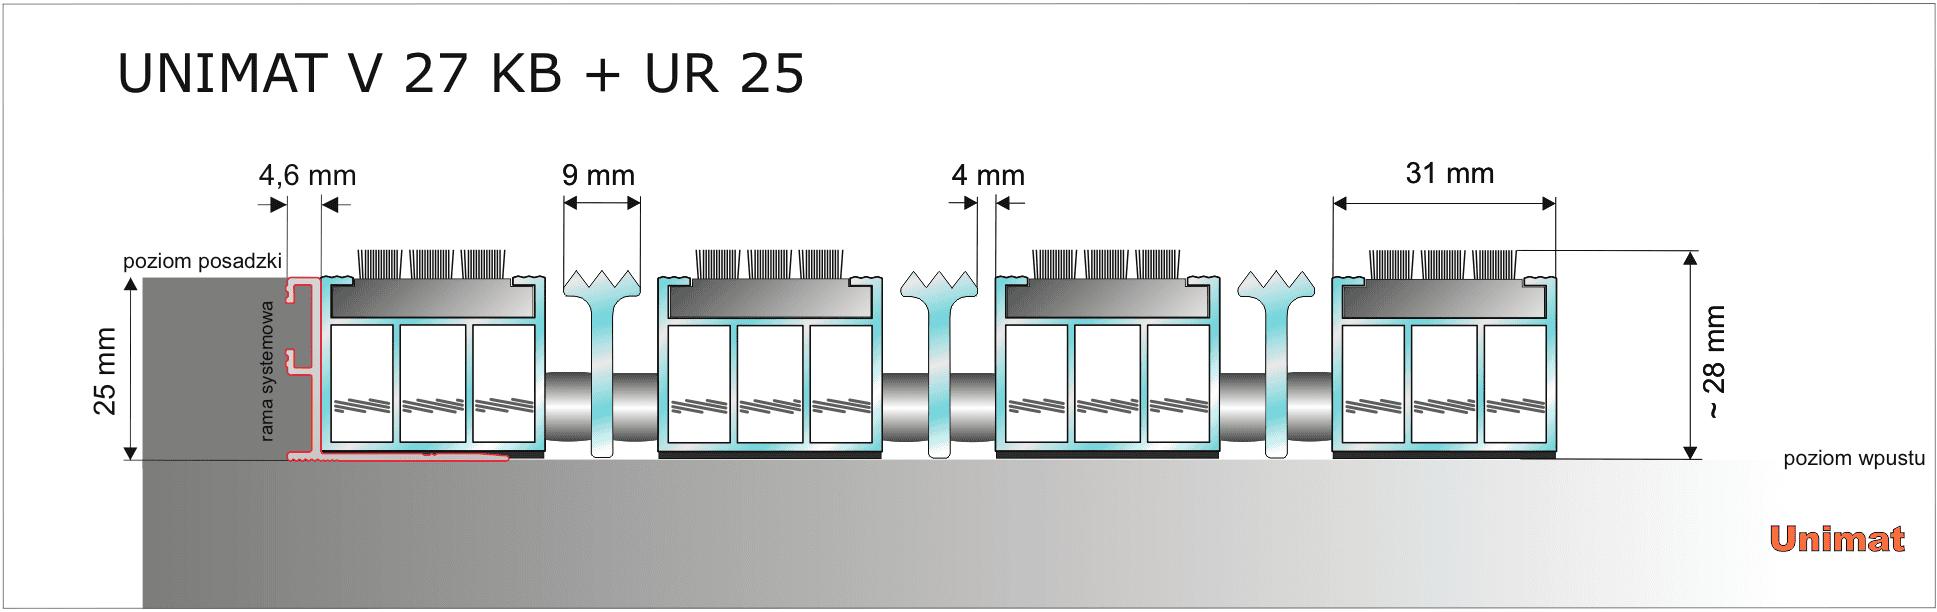 Unimat V 27 KB + UR25.png